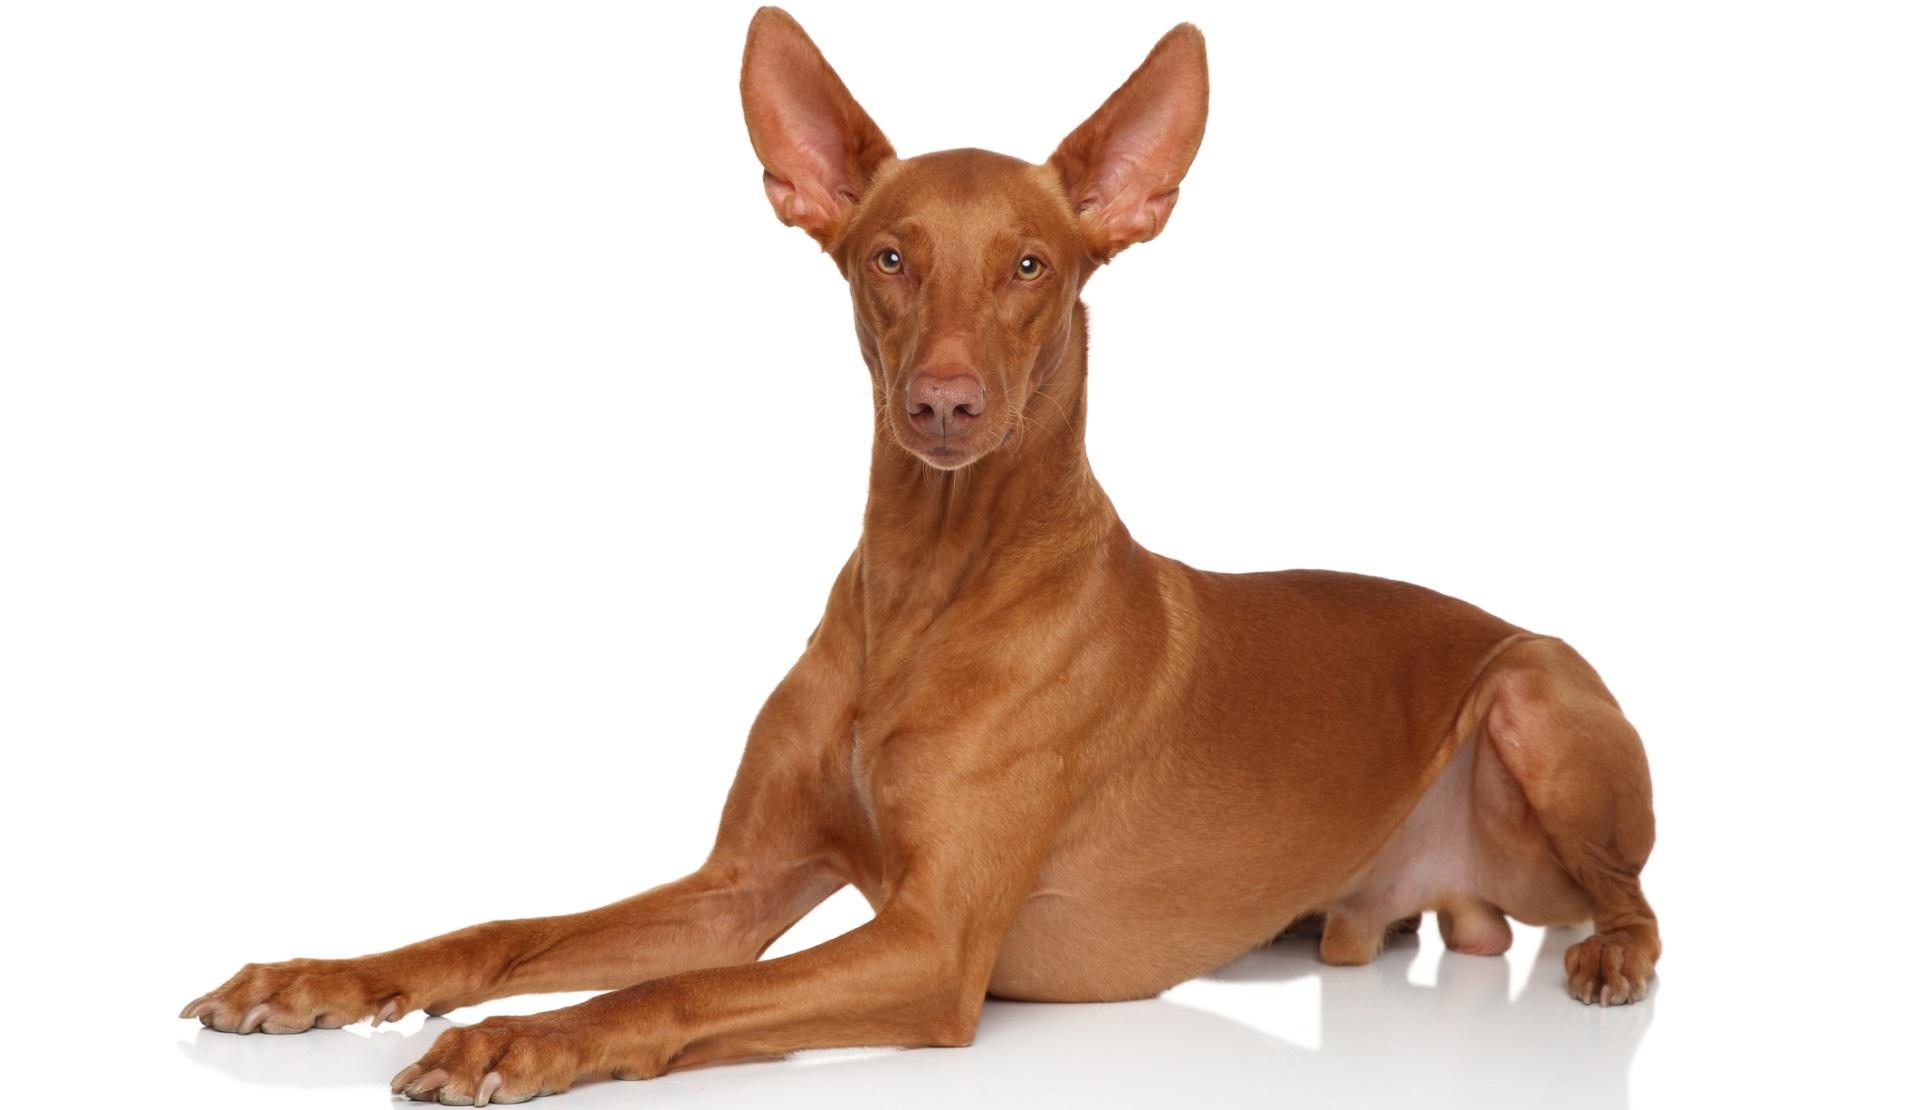 <p><strong>Фараоново куче</strong></p>  <p>Националното куче на Малта, което можете да притежавате за не по-малко от между 3000 и 7000 долара. Те нямат връзка с древен Египет, но популярен мит твърди, че породата произхожда от Tesem, едно от древните египетски ловни кучета. Интелигентни и понякога упорити, те са много независими и лесно им писва от повтарящи се команди.</p>